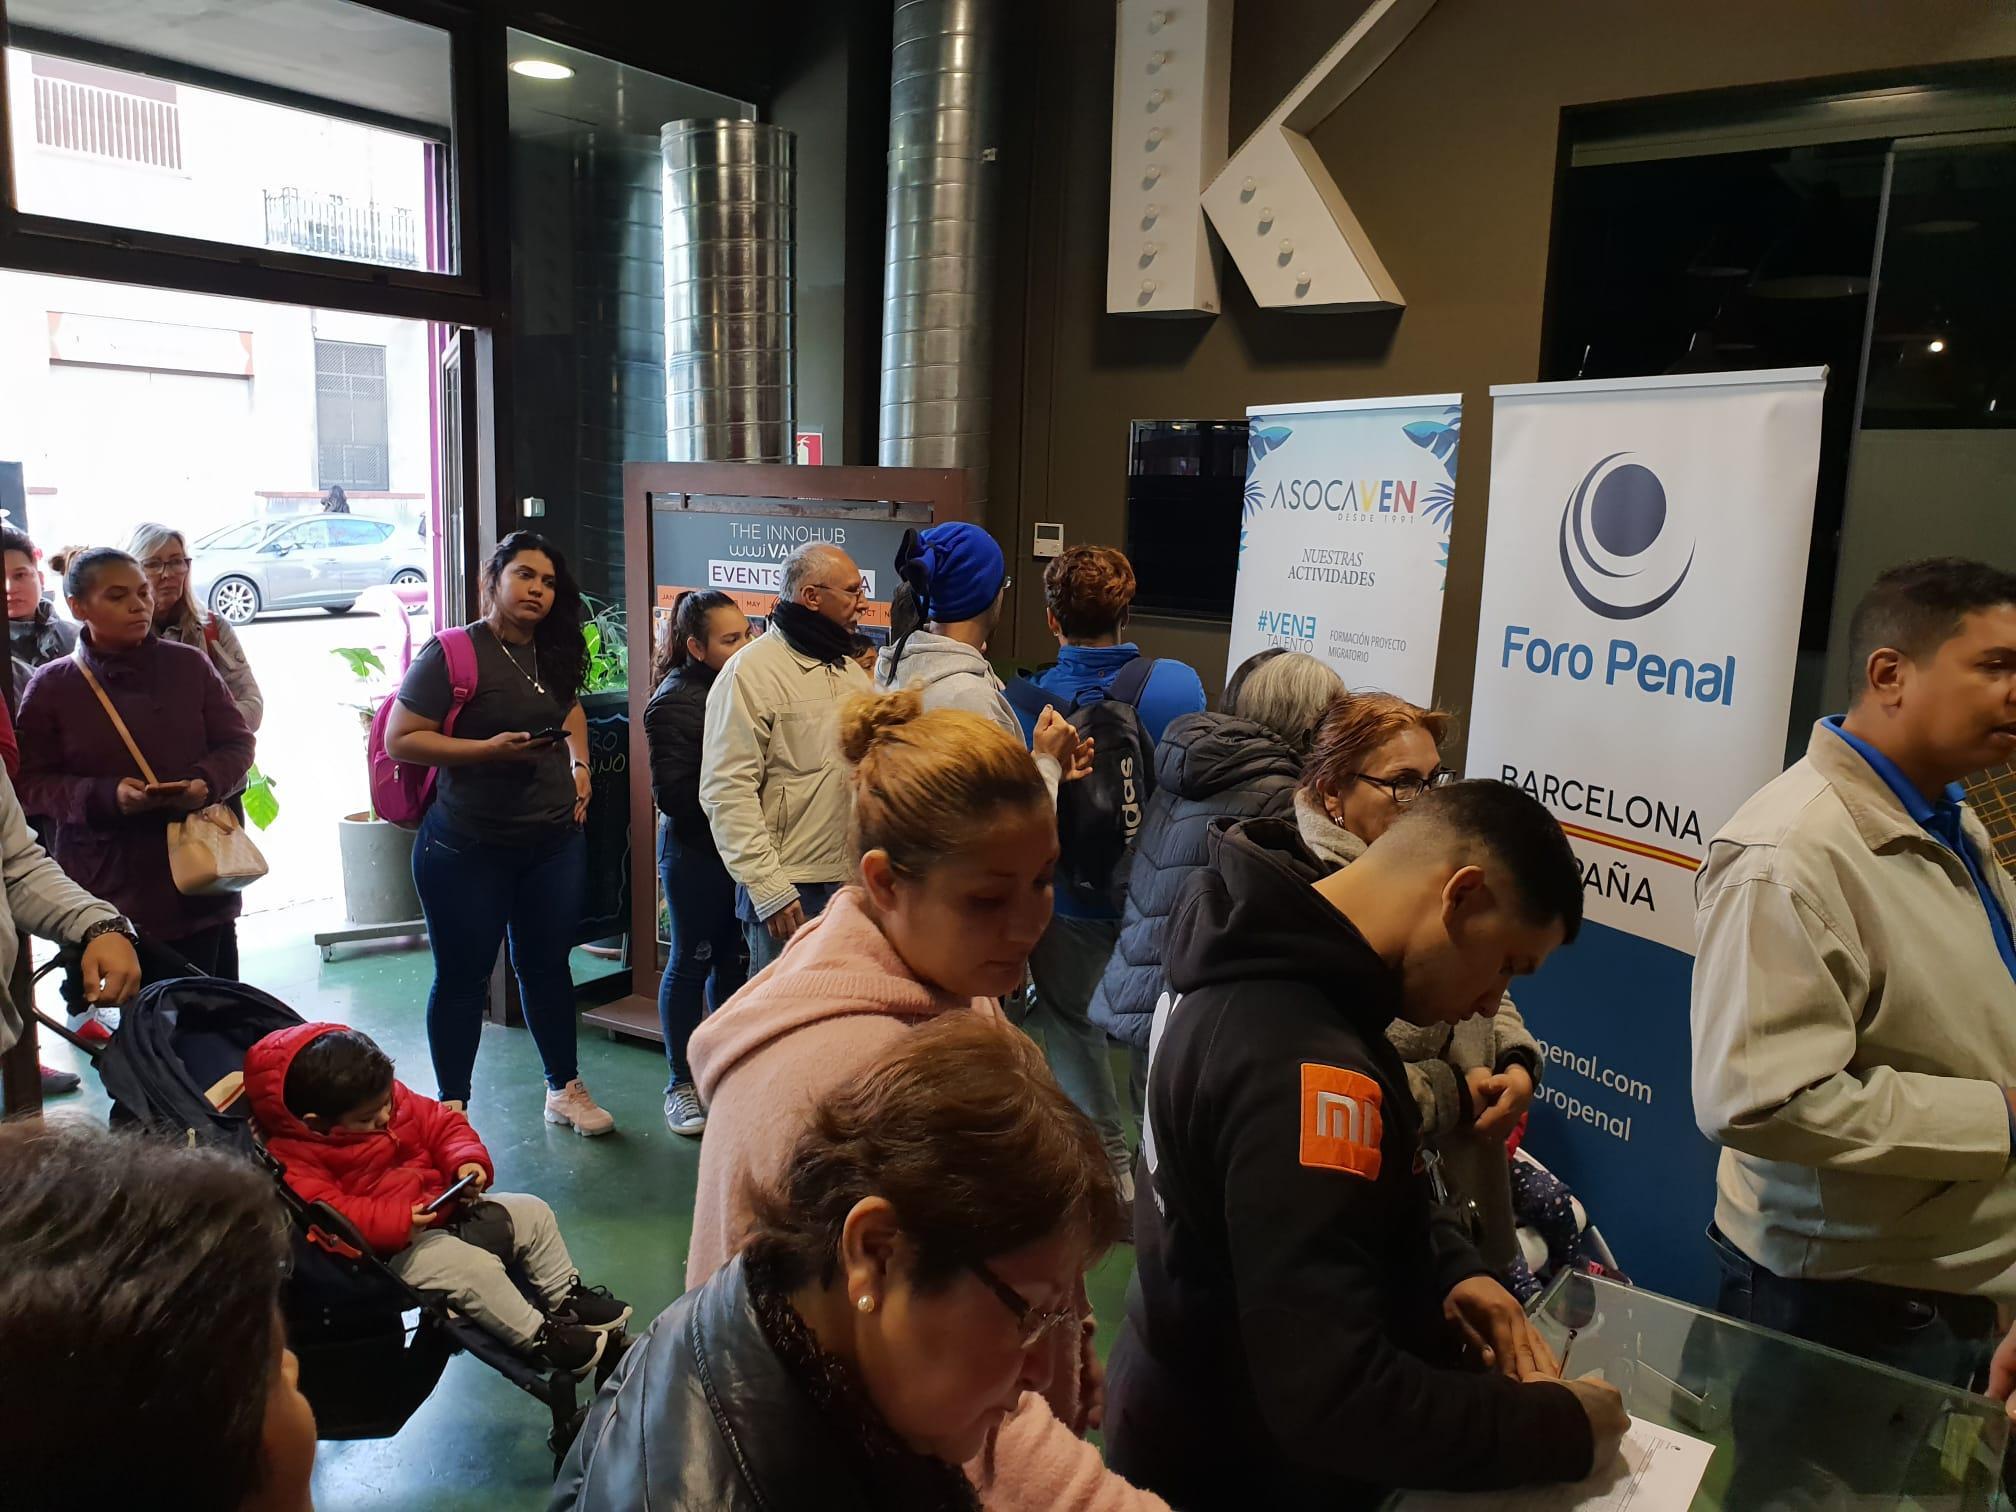 Plan de ayuda para refugiados Recolecta de Ropa y Juguetes -Barcelona España